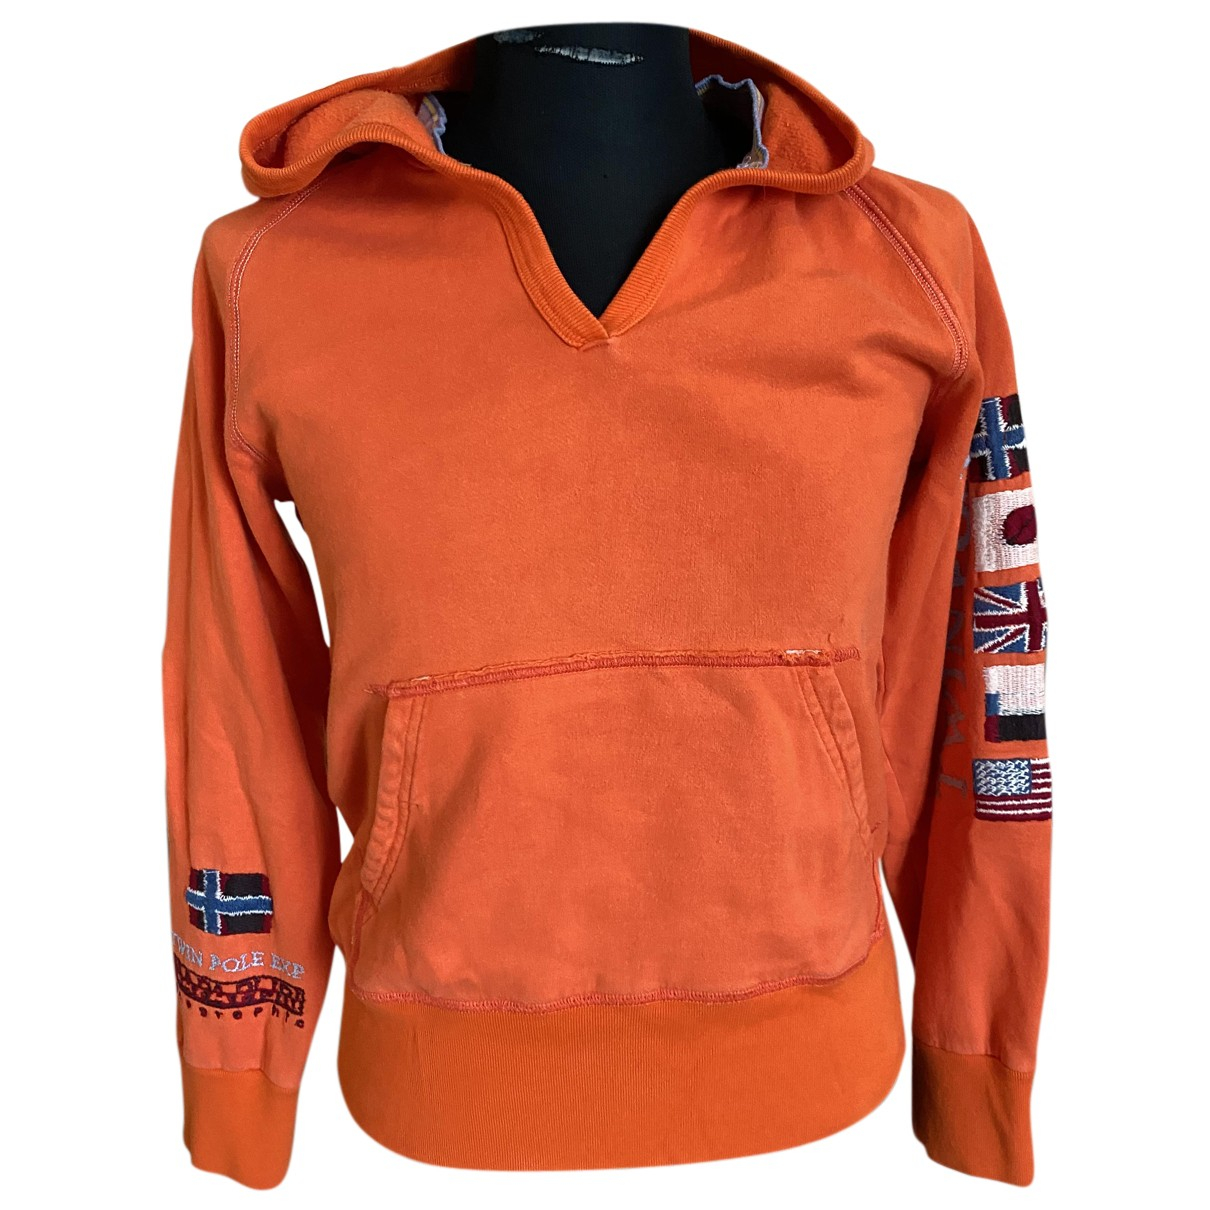 Napapijri - Pulls.Gilets.Sweats   pour homme en coton - orange